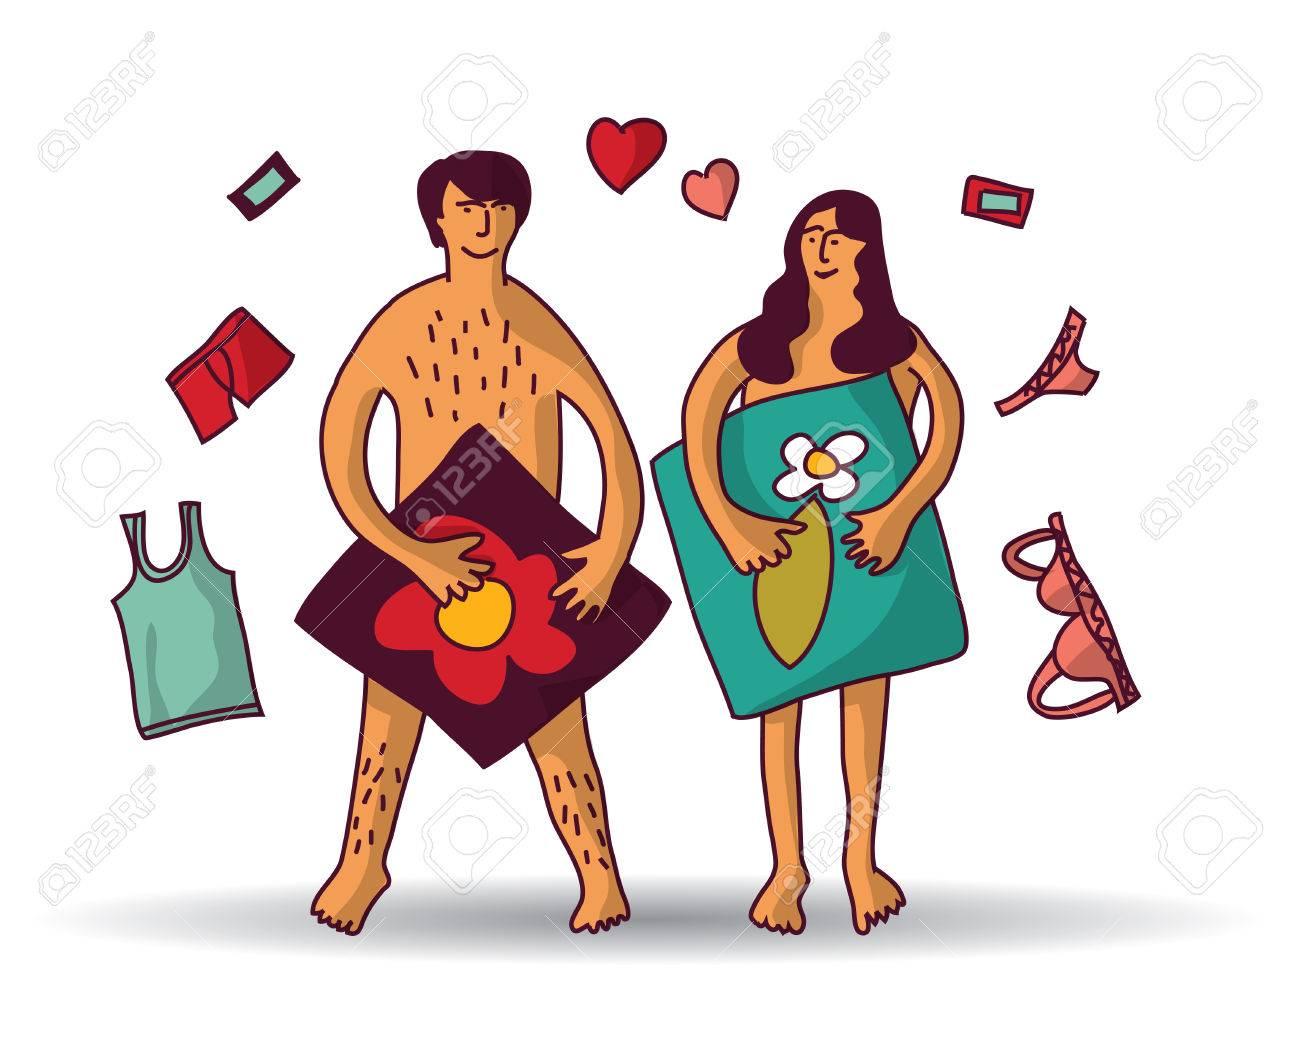 Bilder von Nacktsex